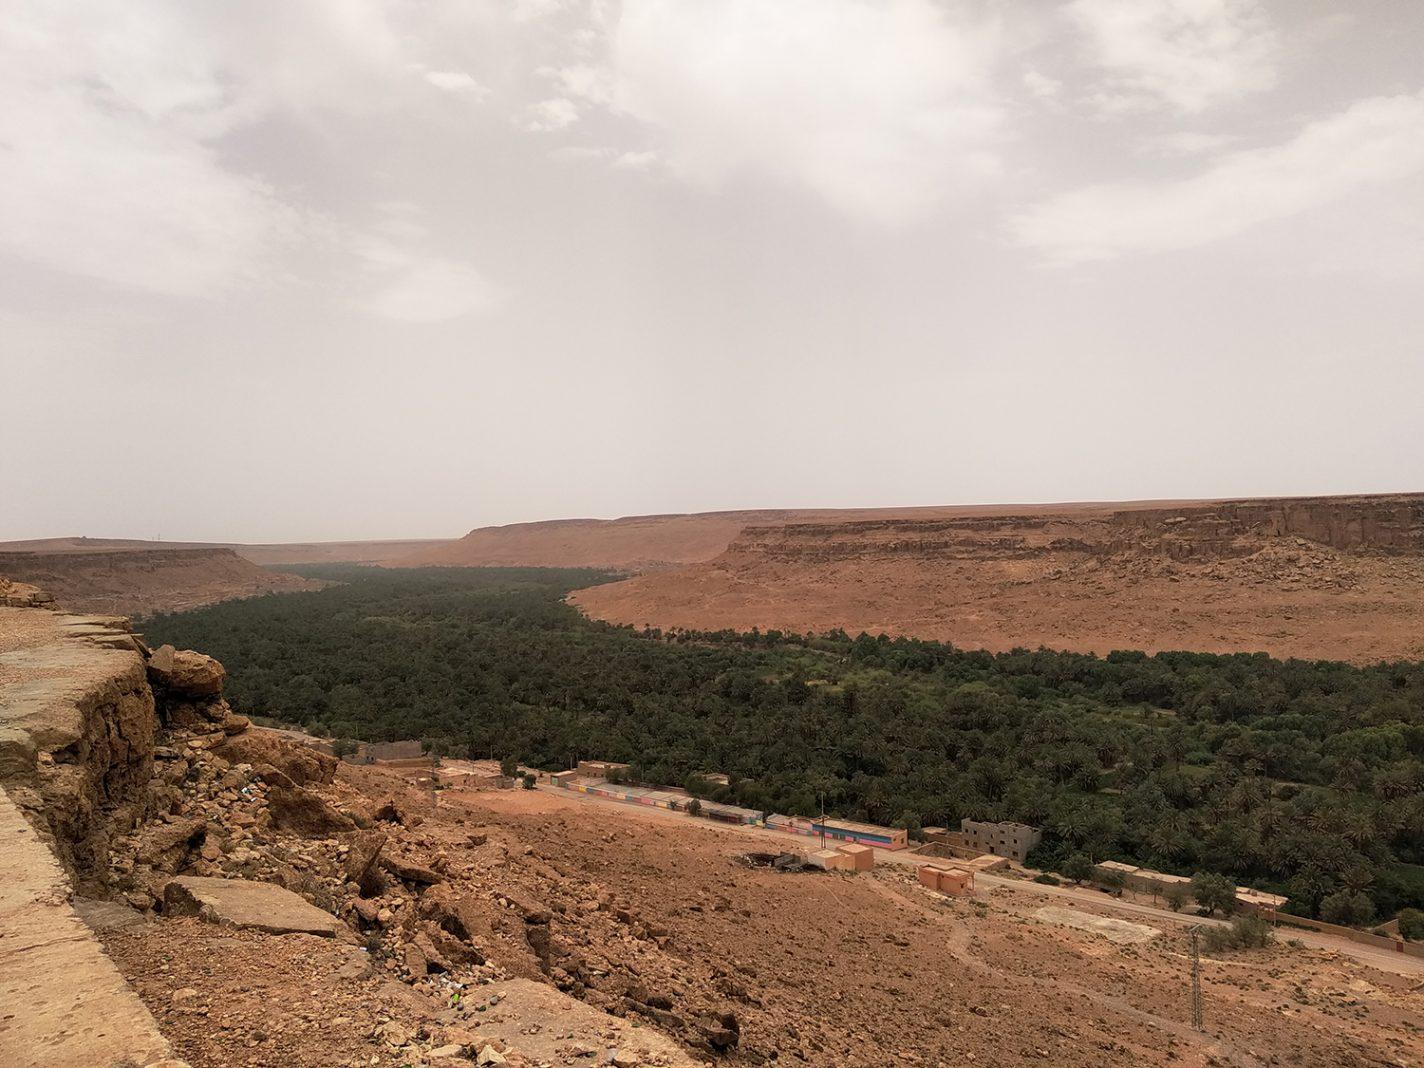 Prachtig uitzichtpunt - Aan de rand van de Sahara